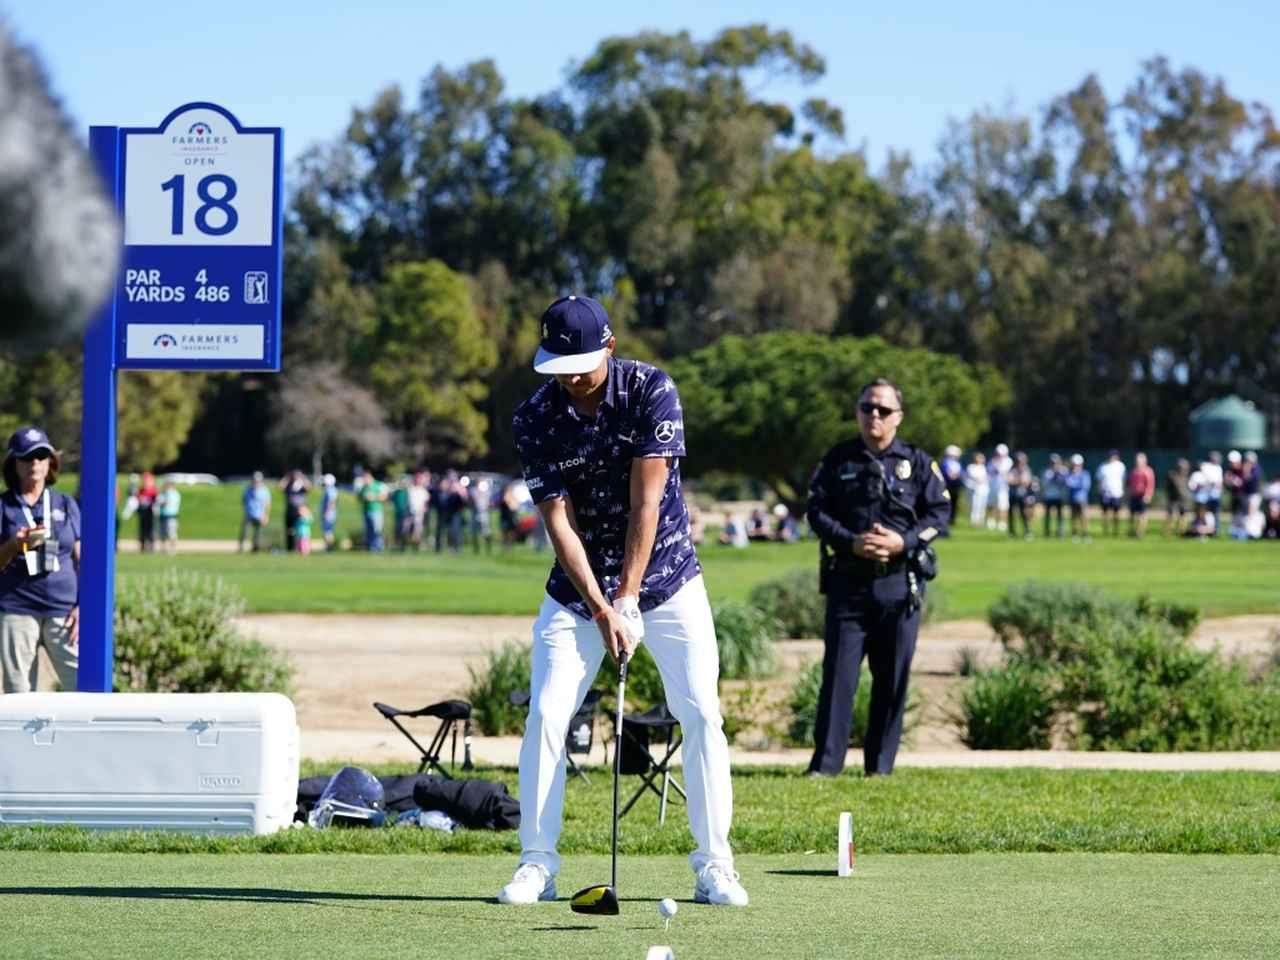 画像22: 【ギア研究】PGAツアートップ選手のレプリカドライバーを組んで打った。「運命のシャフトとヘッド」見つけ方